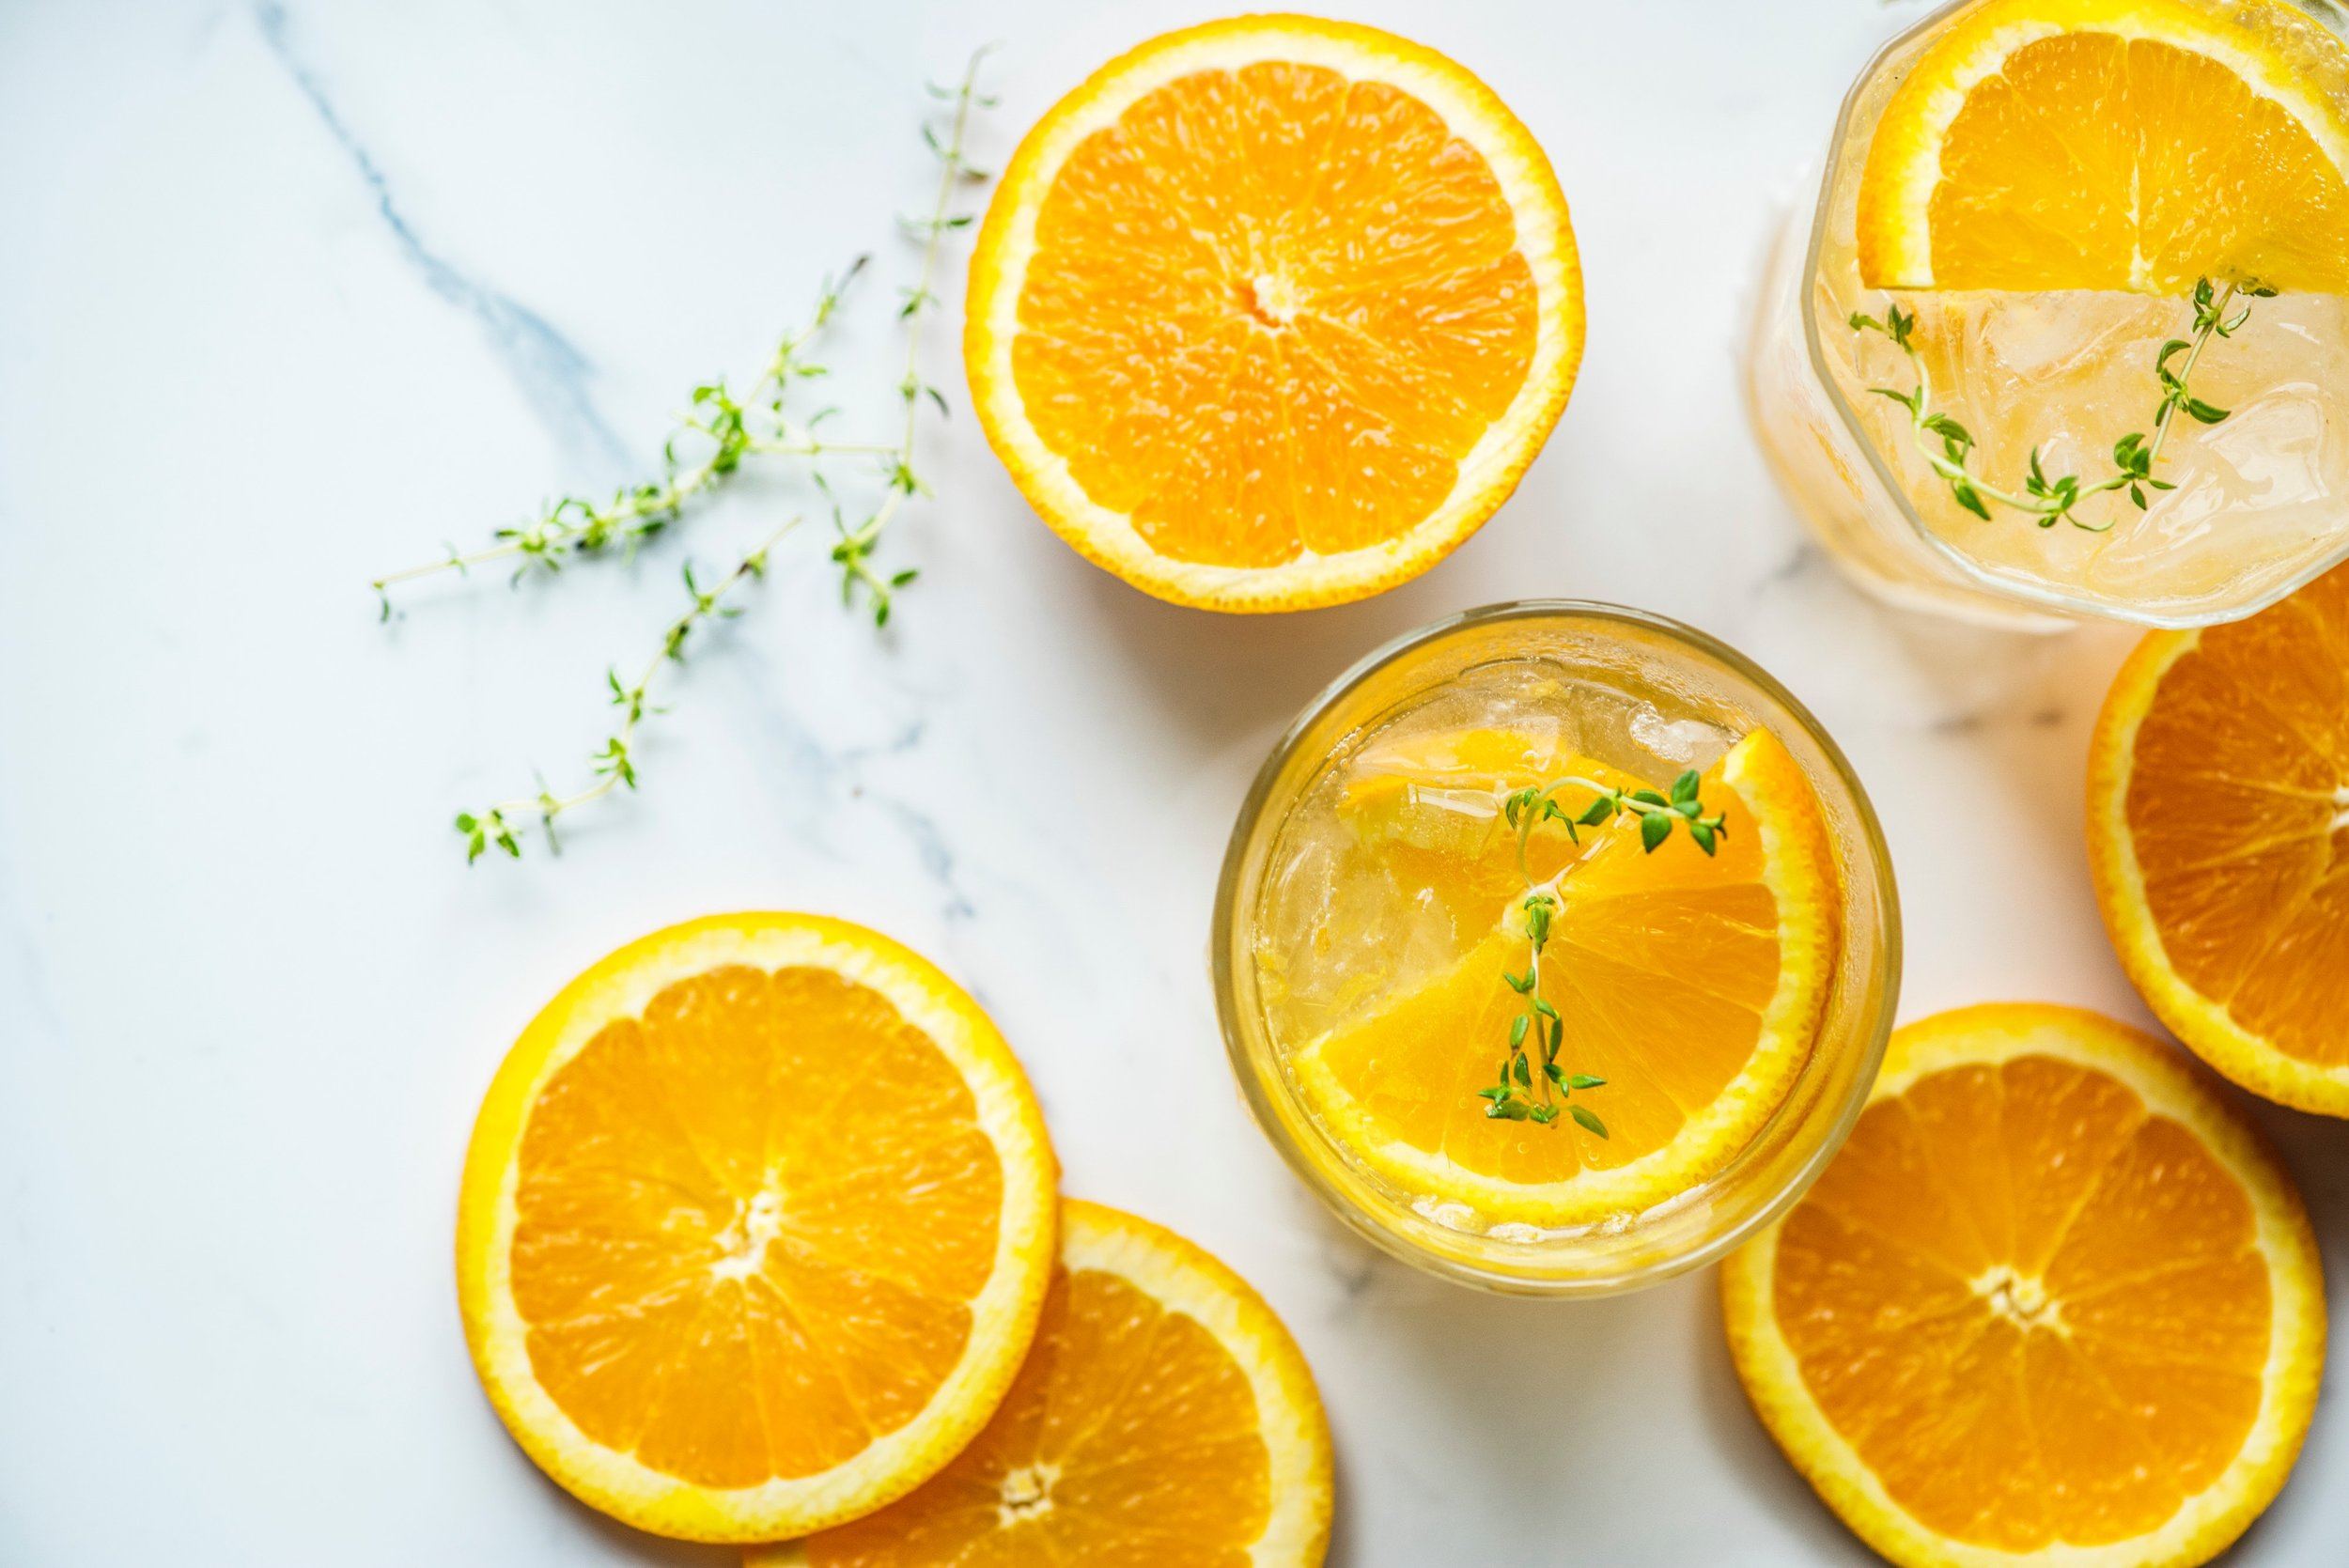 antioxidant-beverage-blended-1328887.jpg